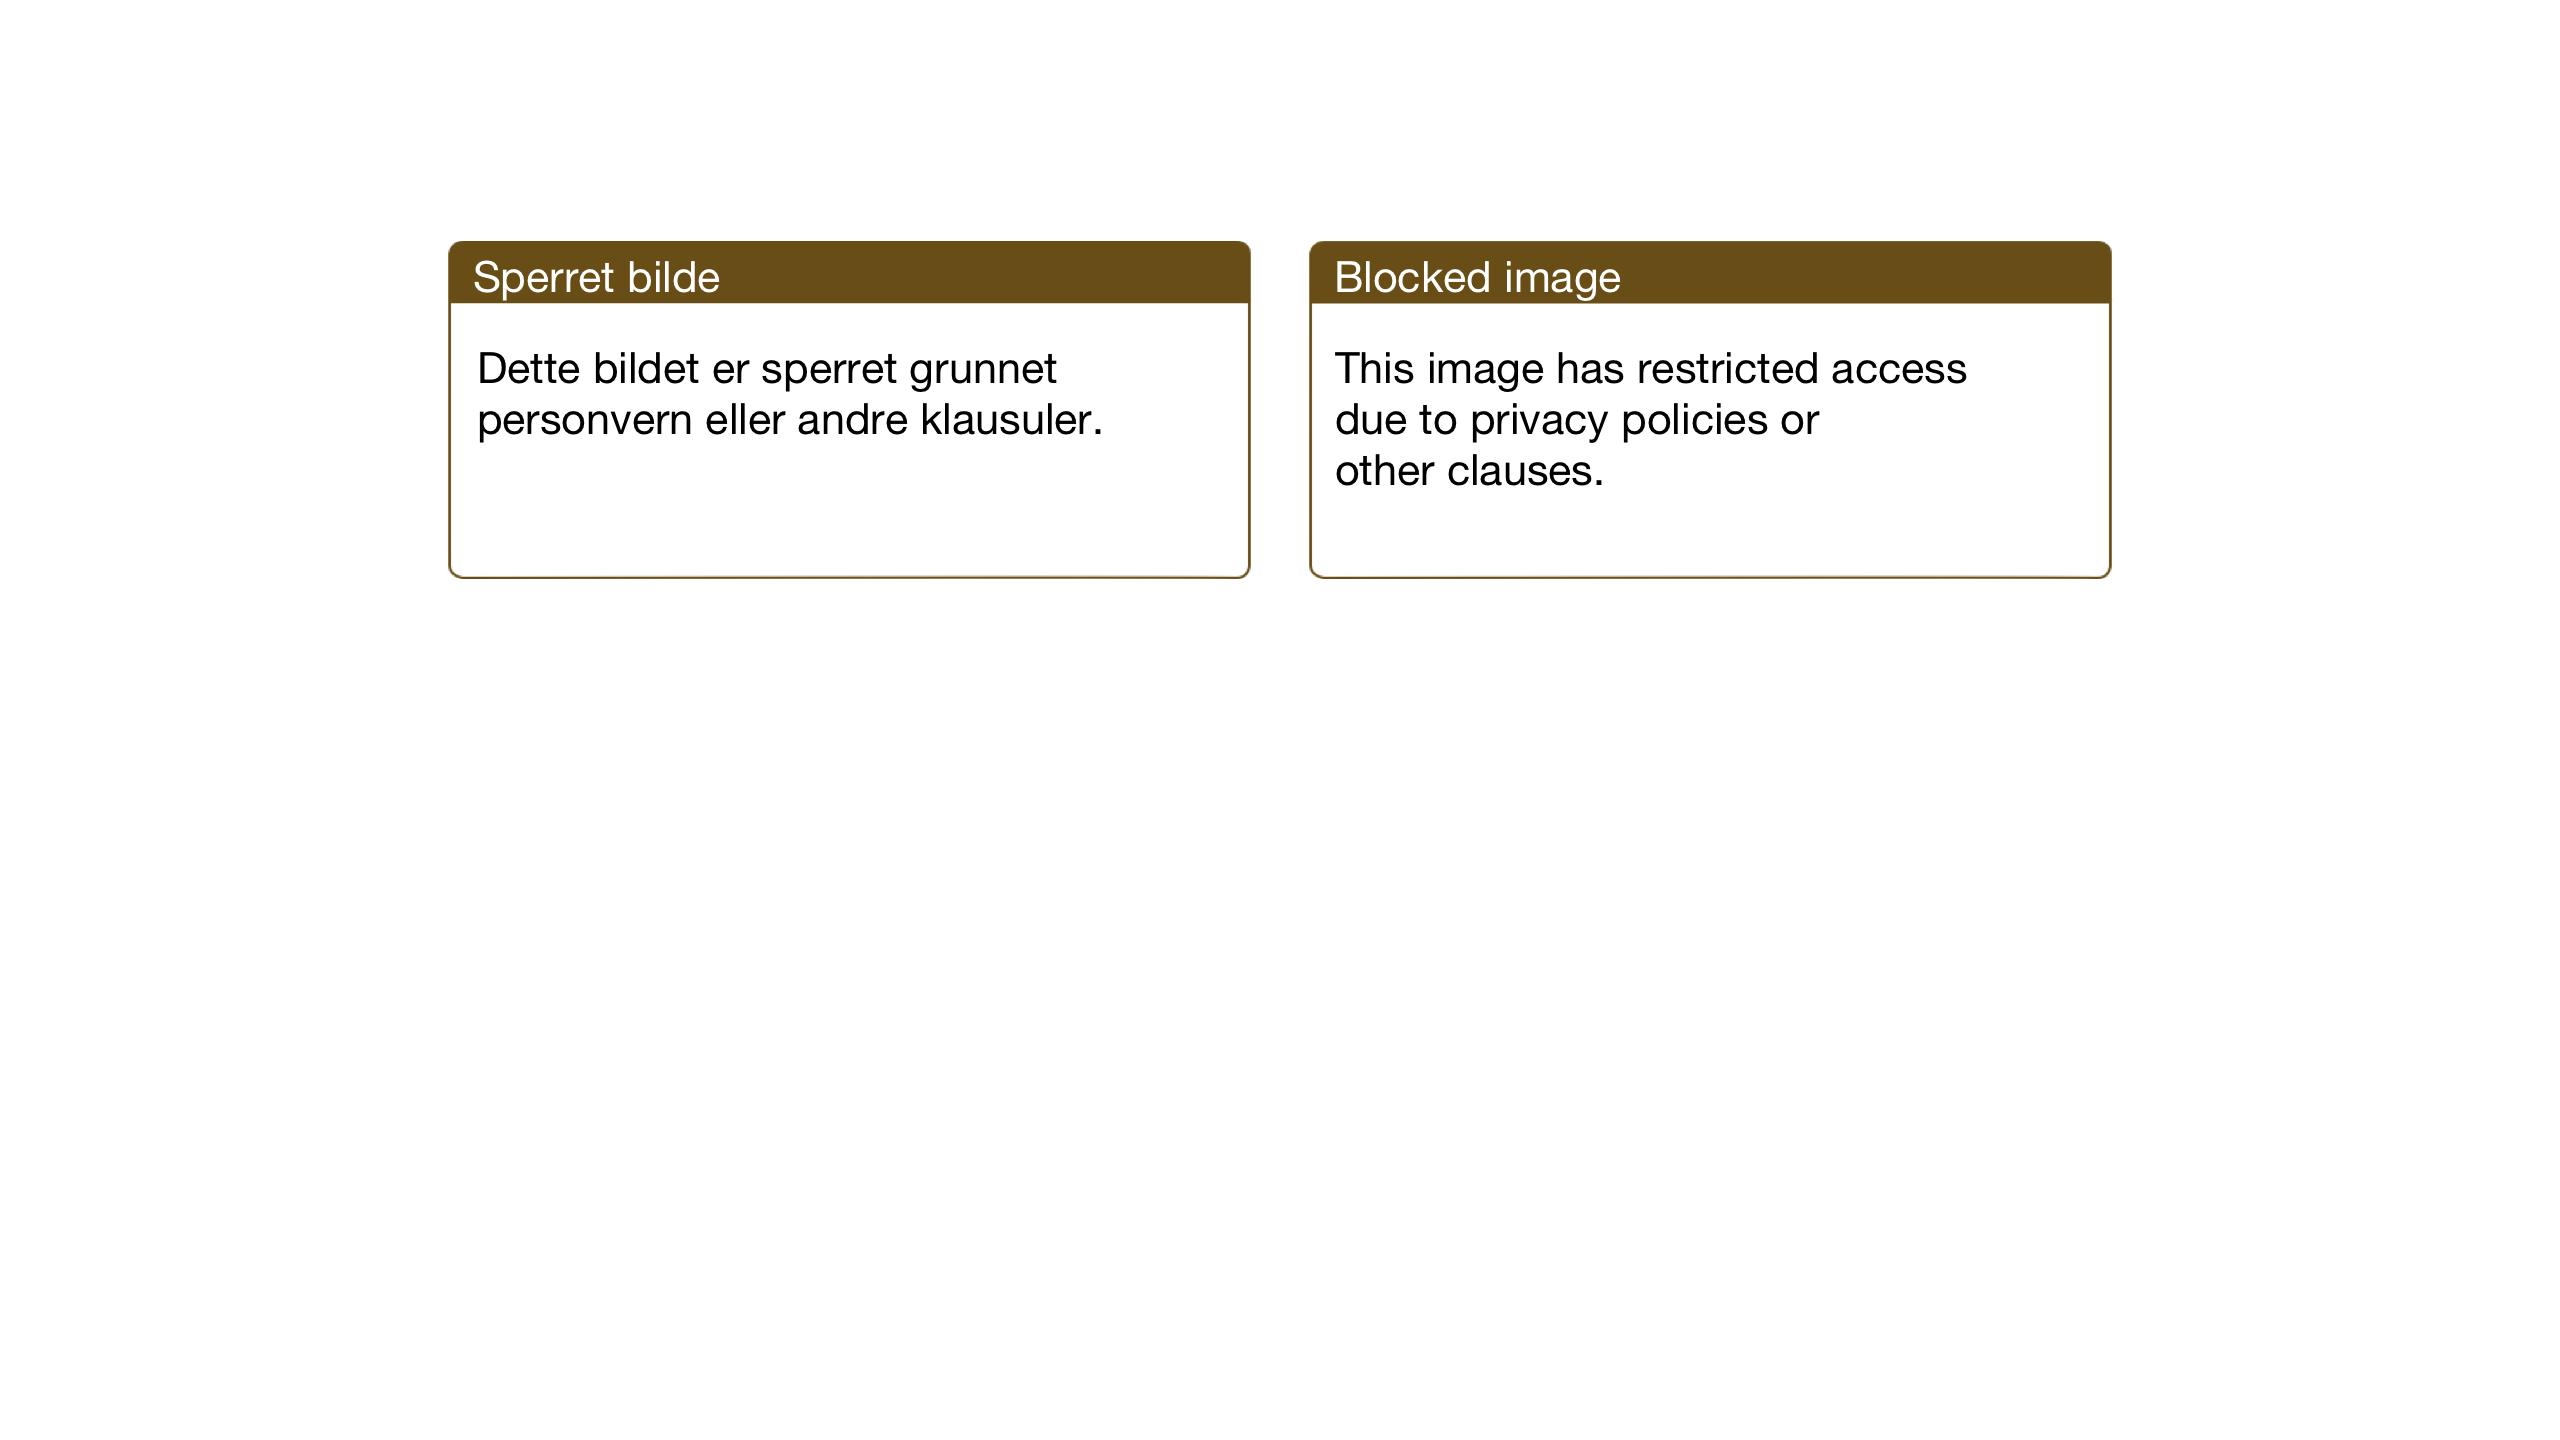 SAT, Ministerialprotokoller, klokkerbøker og fødselsregistre - Nord-Trøndelag, 770/L0591: Klokkerbok nr. 770C02, 1902-1940, s. 68